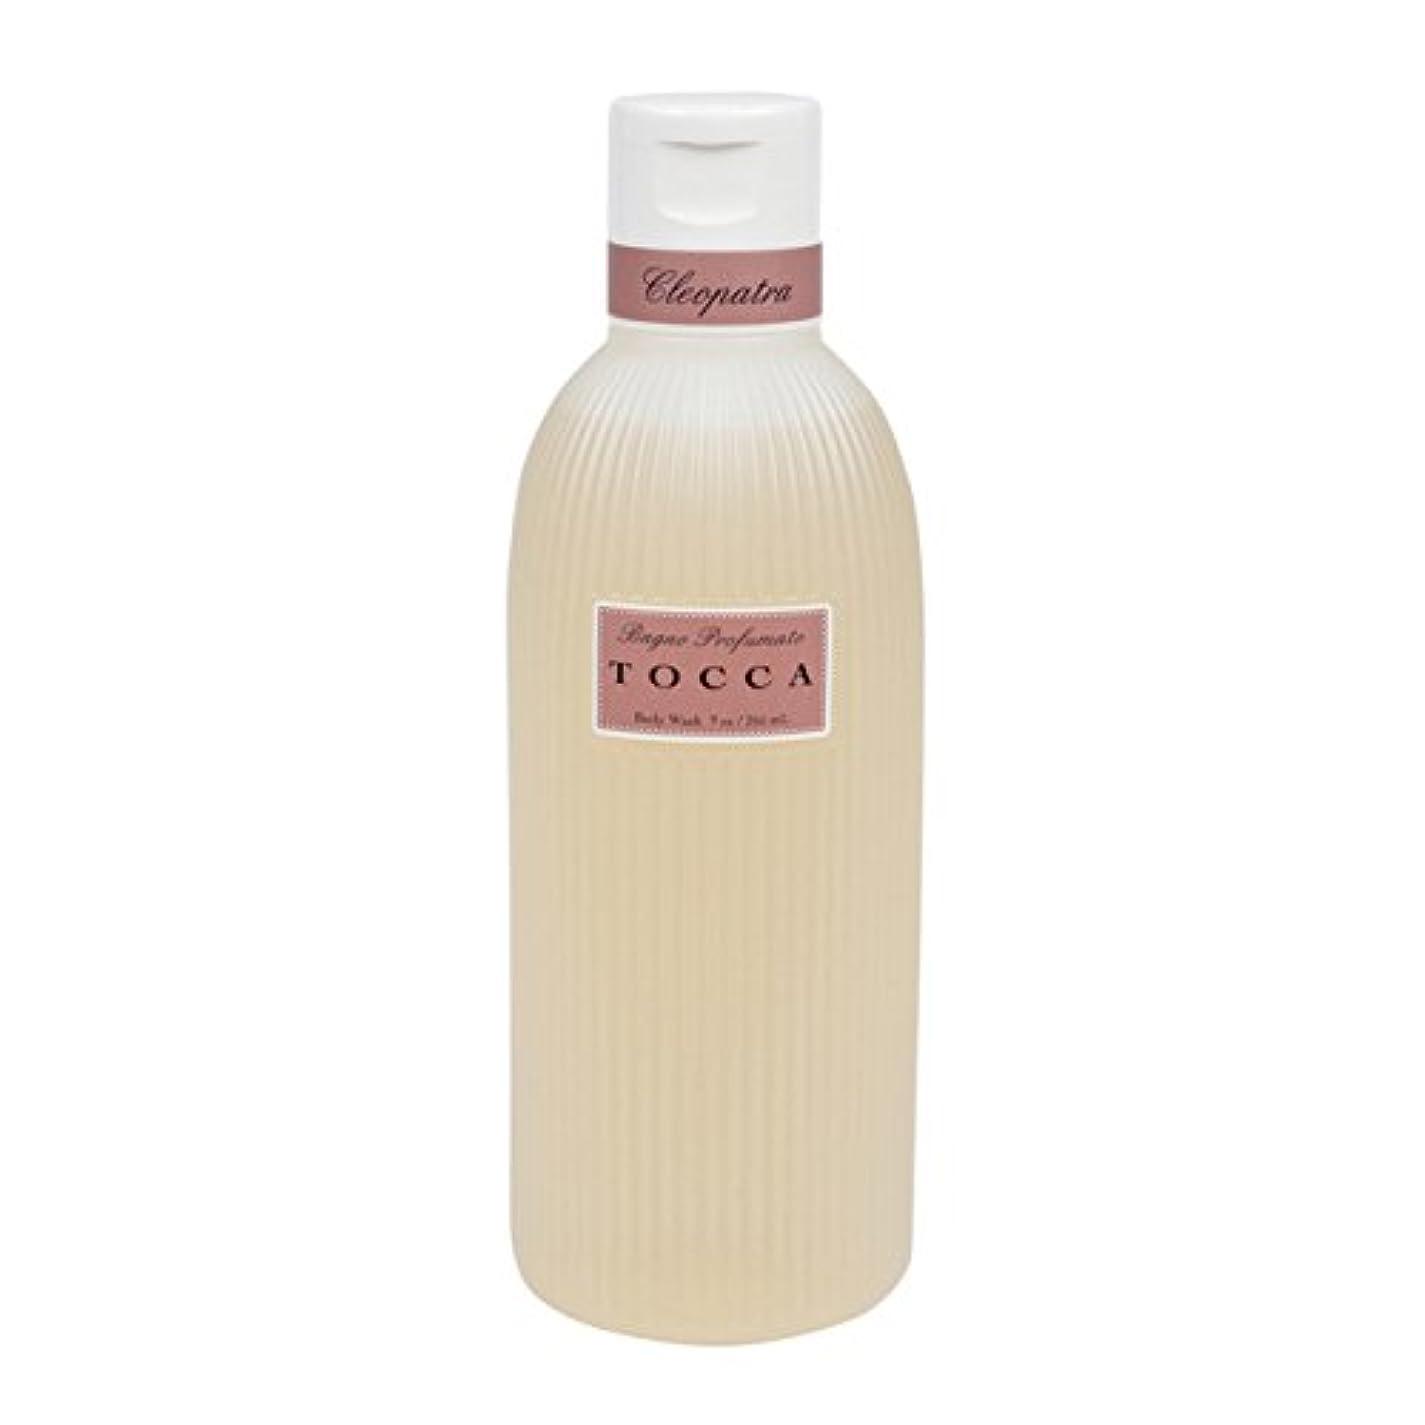 リーク件名シャトルトッカ(TOCCA) ボディーケアウォッシュ クレオパトラの香り 266ml(全身用洗浄料 ボディーソープ グレープフルーツとキューカンバーのフレッシュでクリーンな香り)